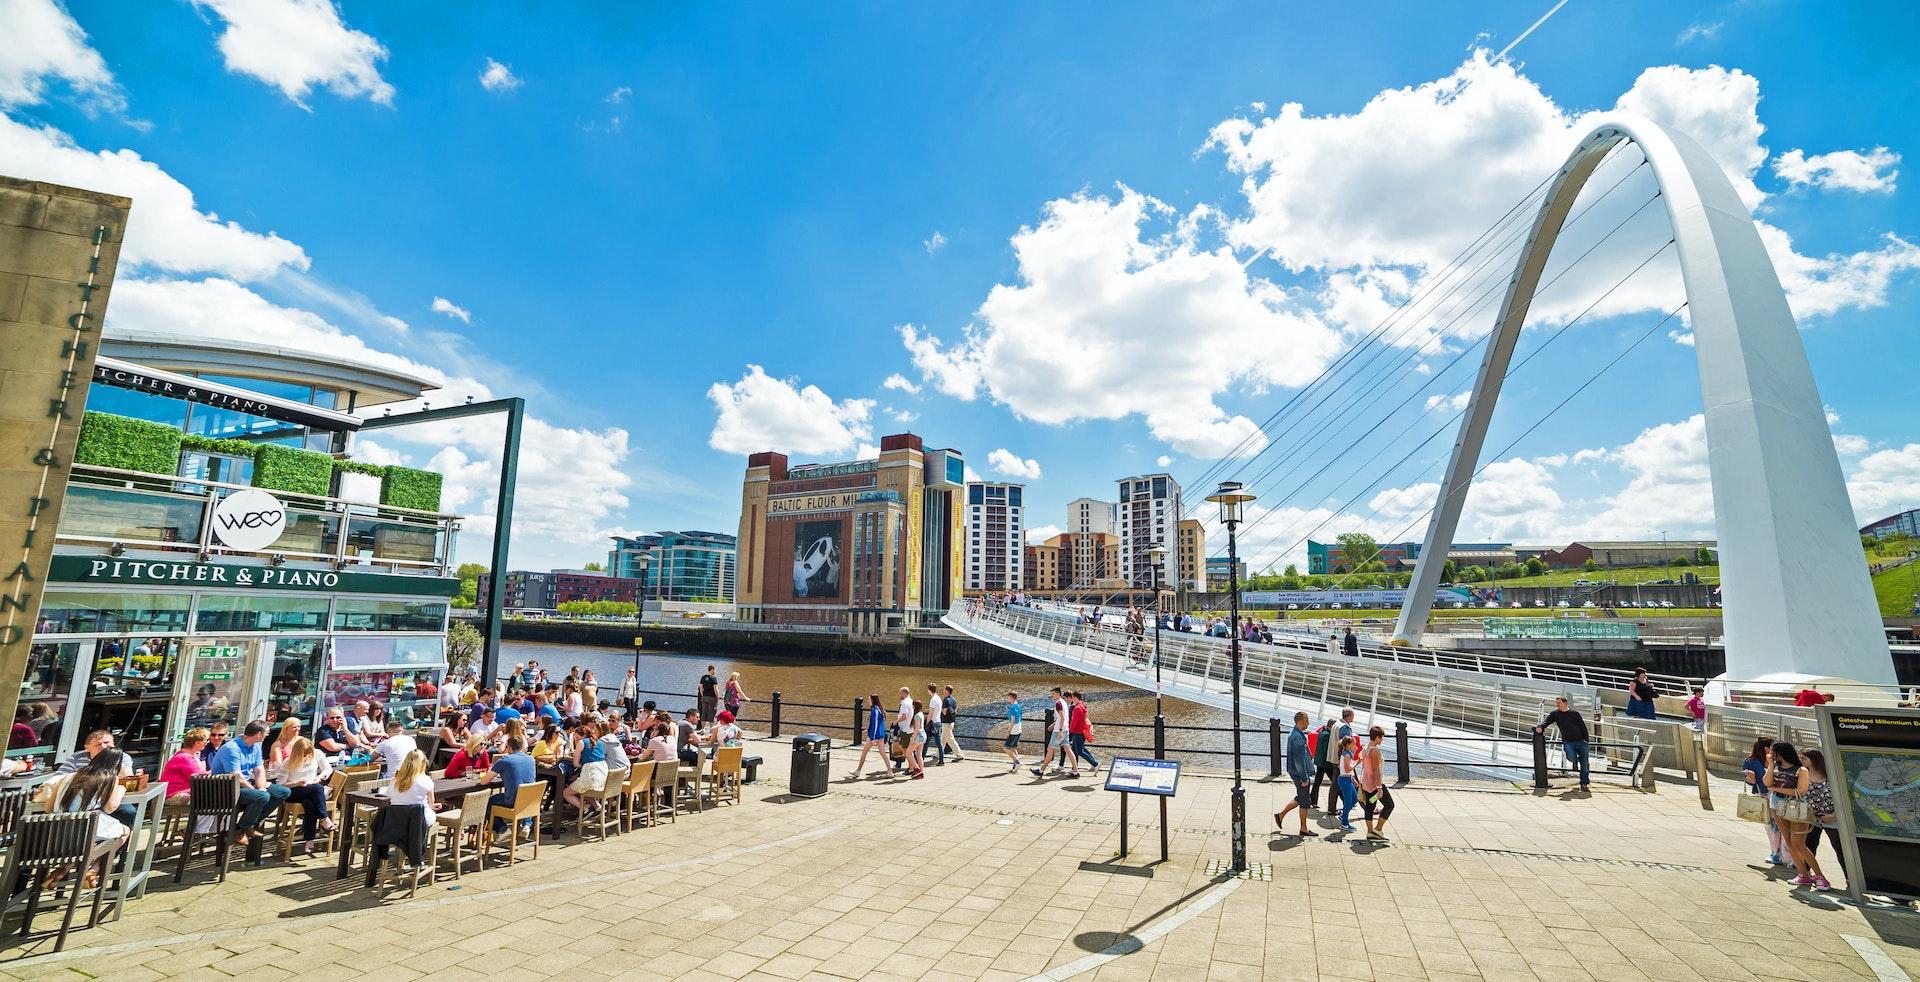 Een MiniCruise naar Newcastle, wat kun je verwachten?